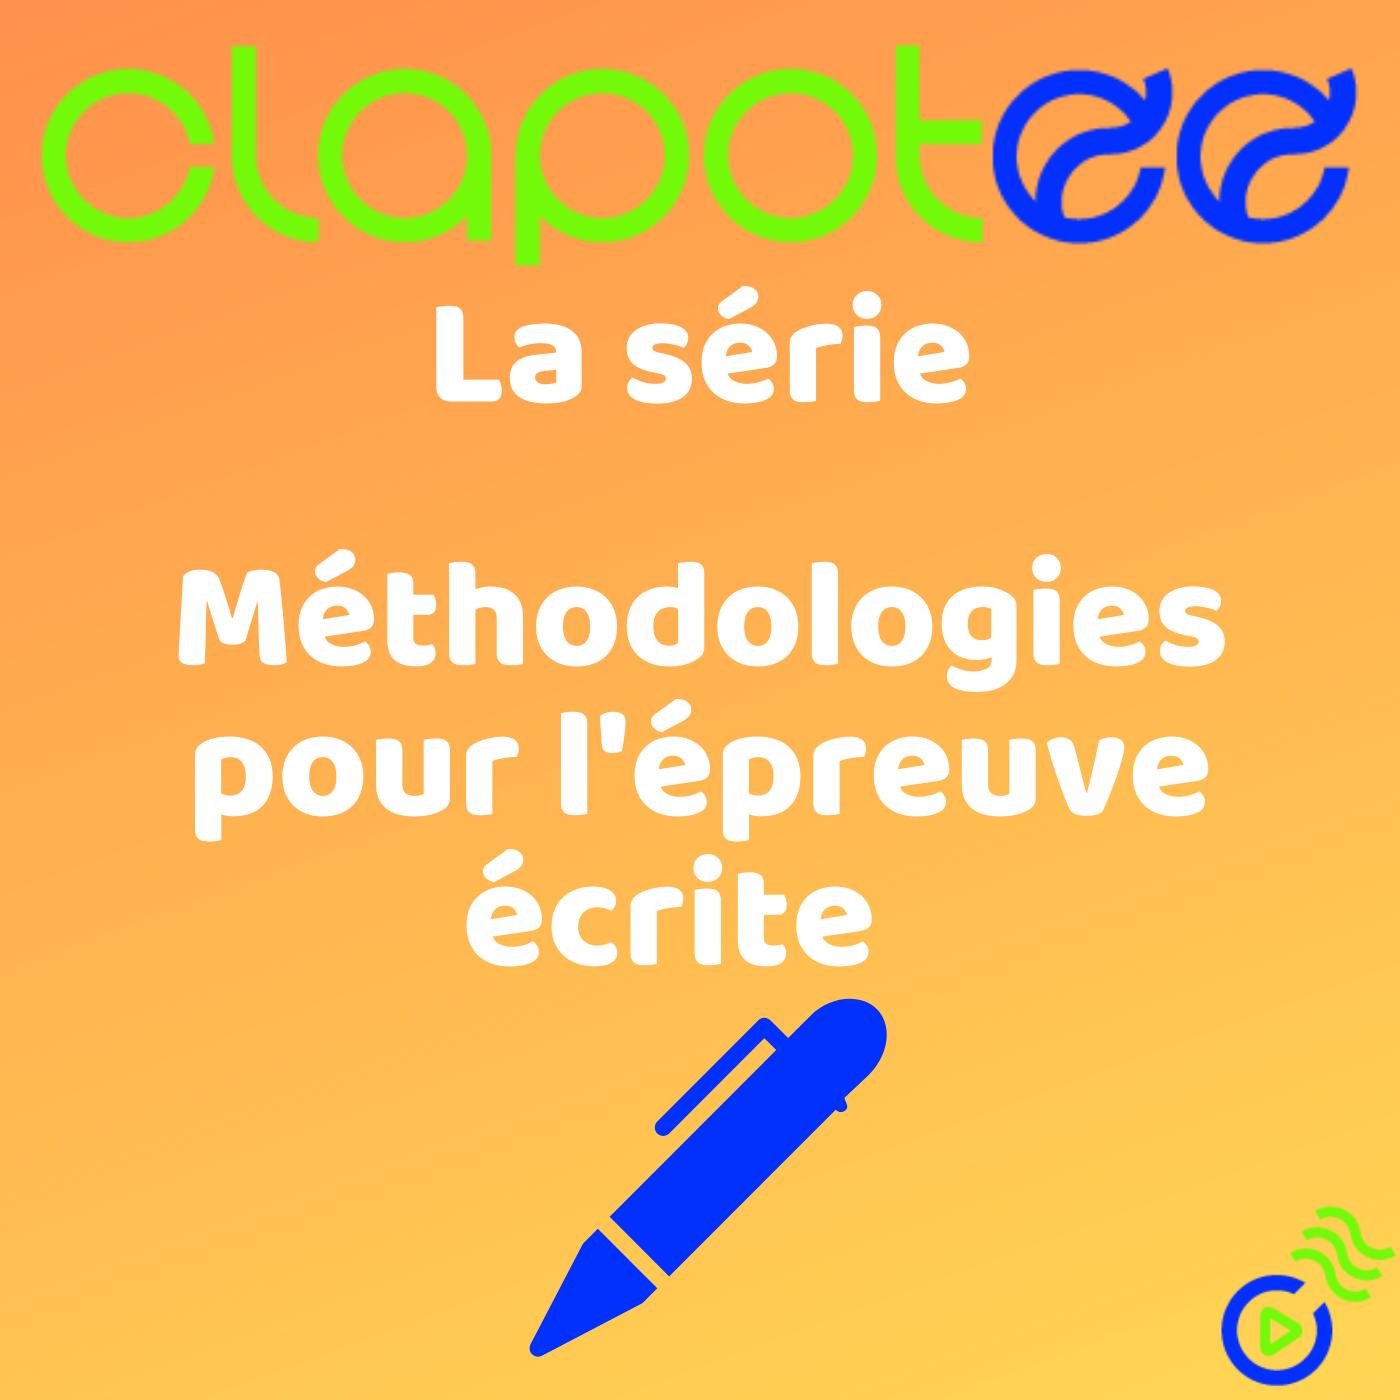 FRANÇAIS - Méthodologies pour l'épreuve écrite